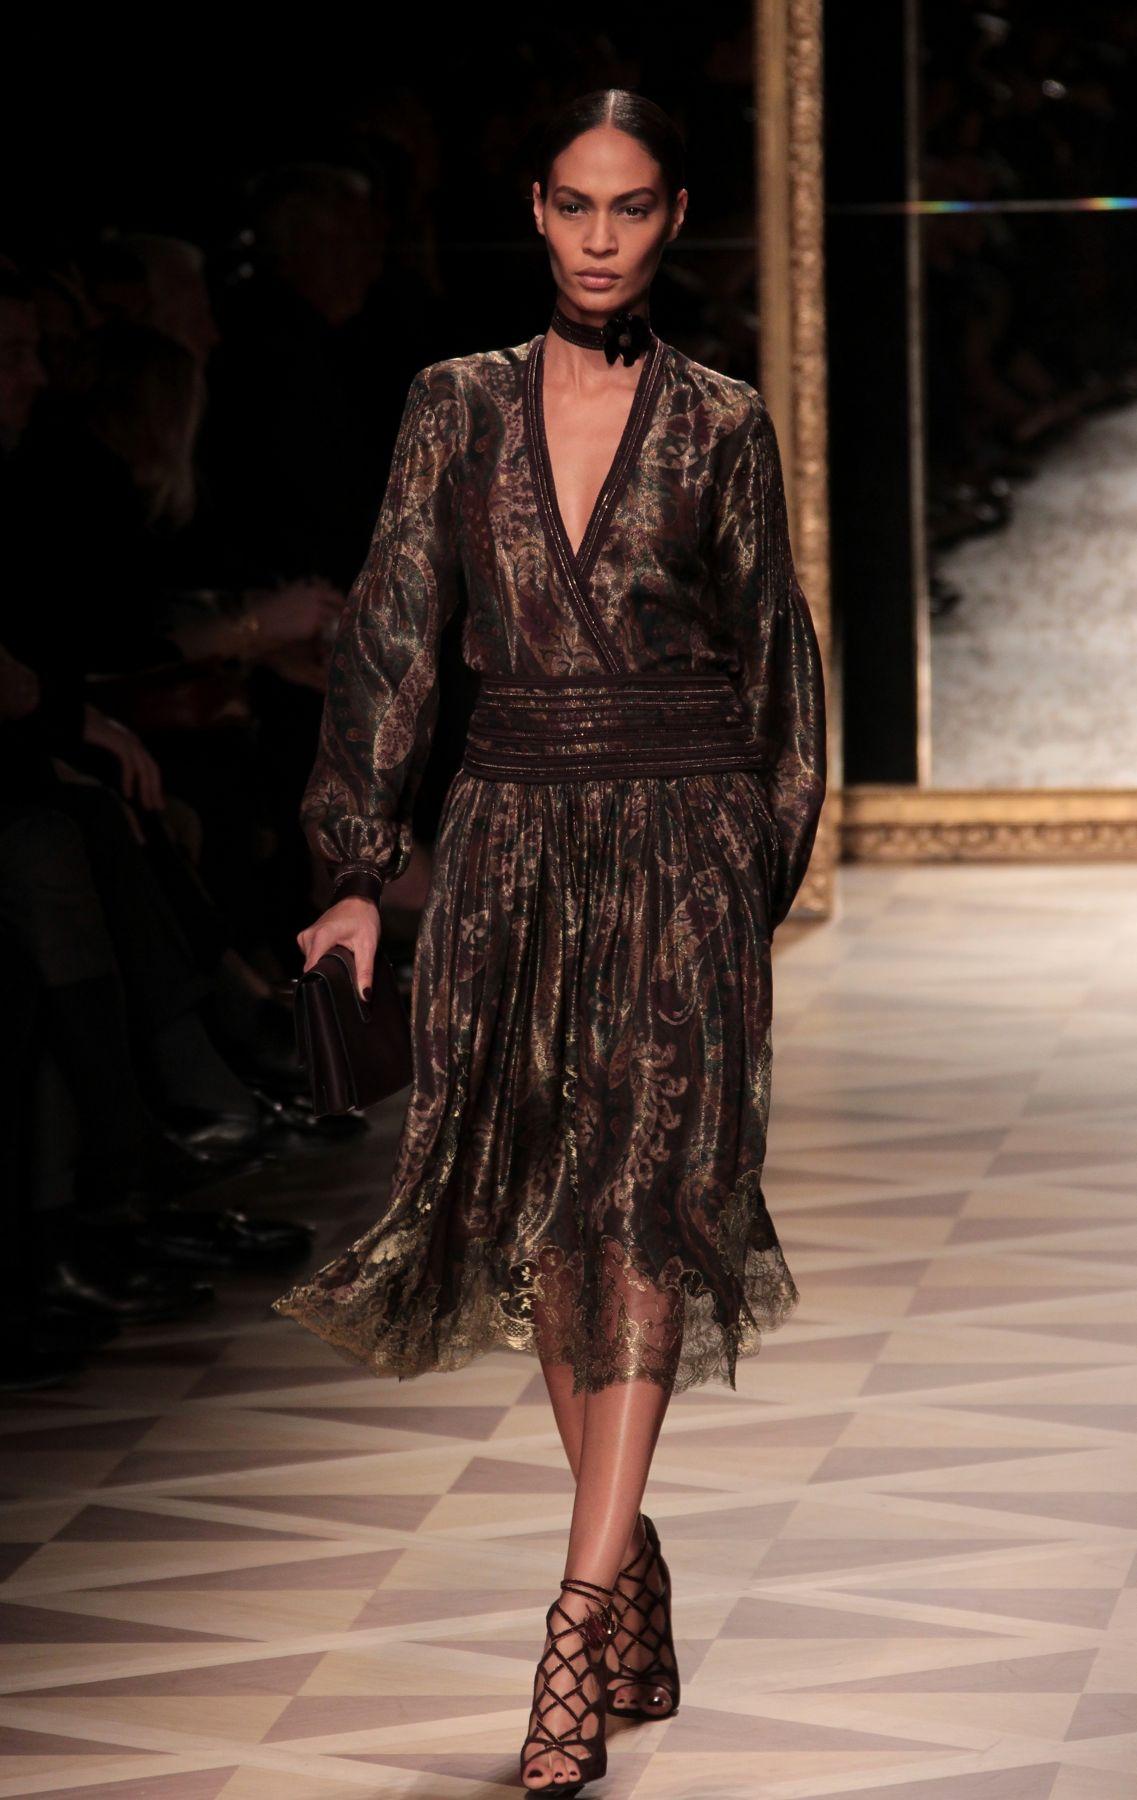 Woman Fashion Catwalk-Salvatore Ferragamo